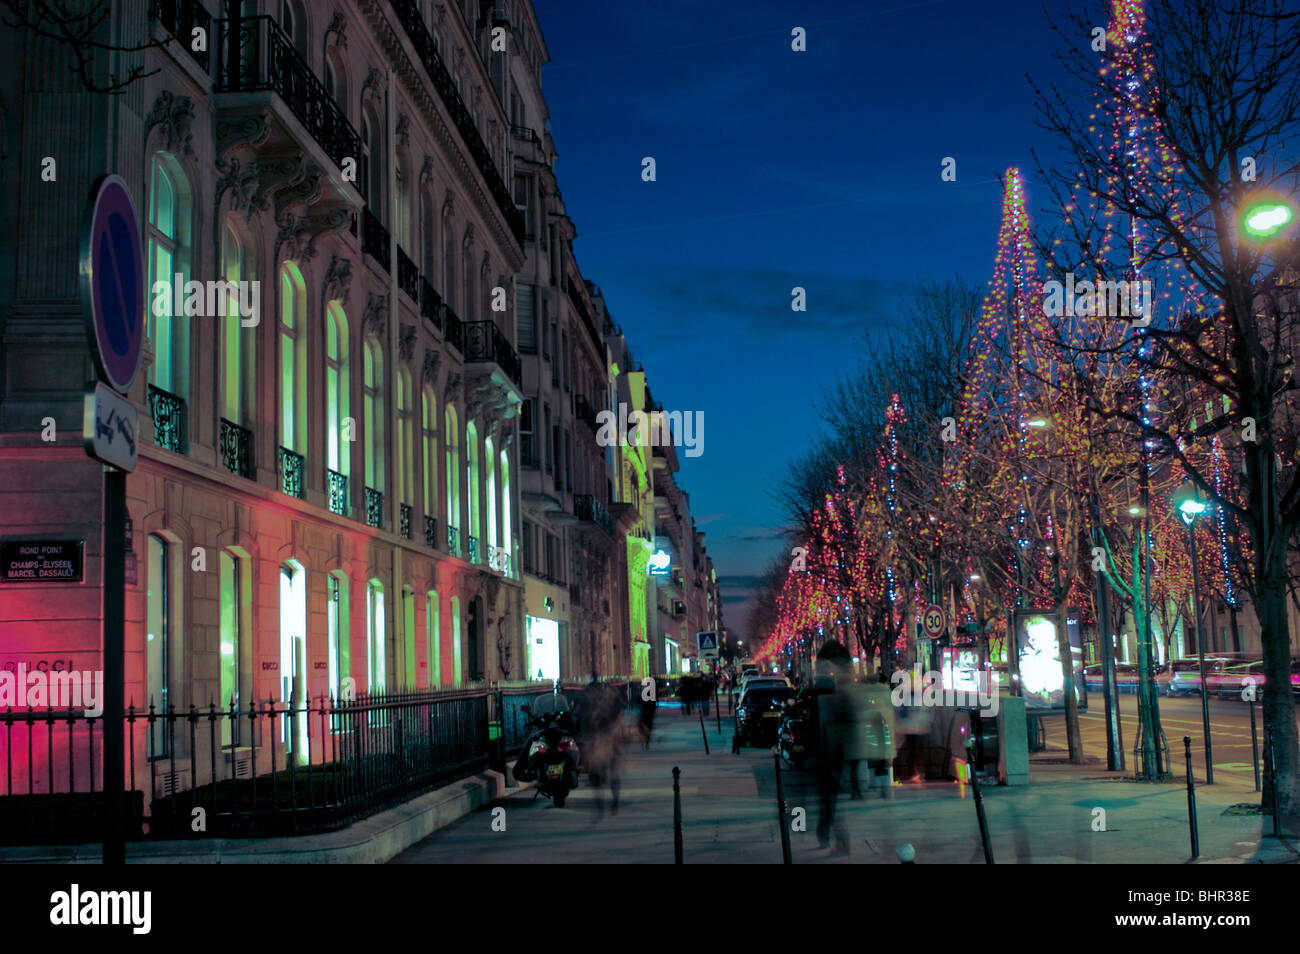 paris lighting street - photo #48